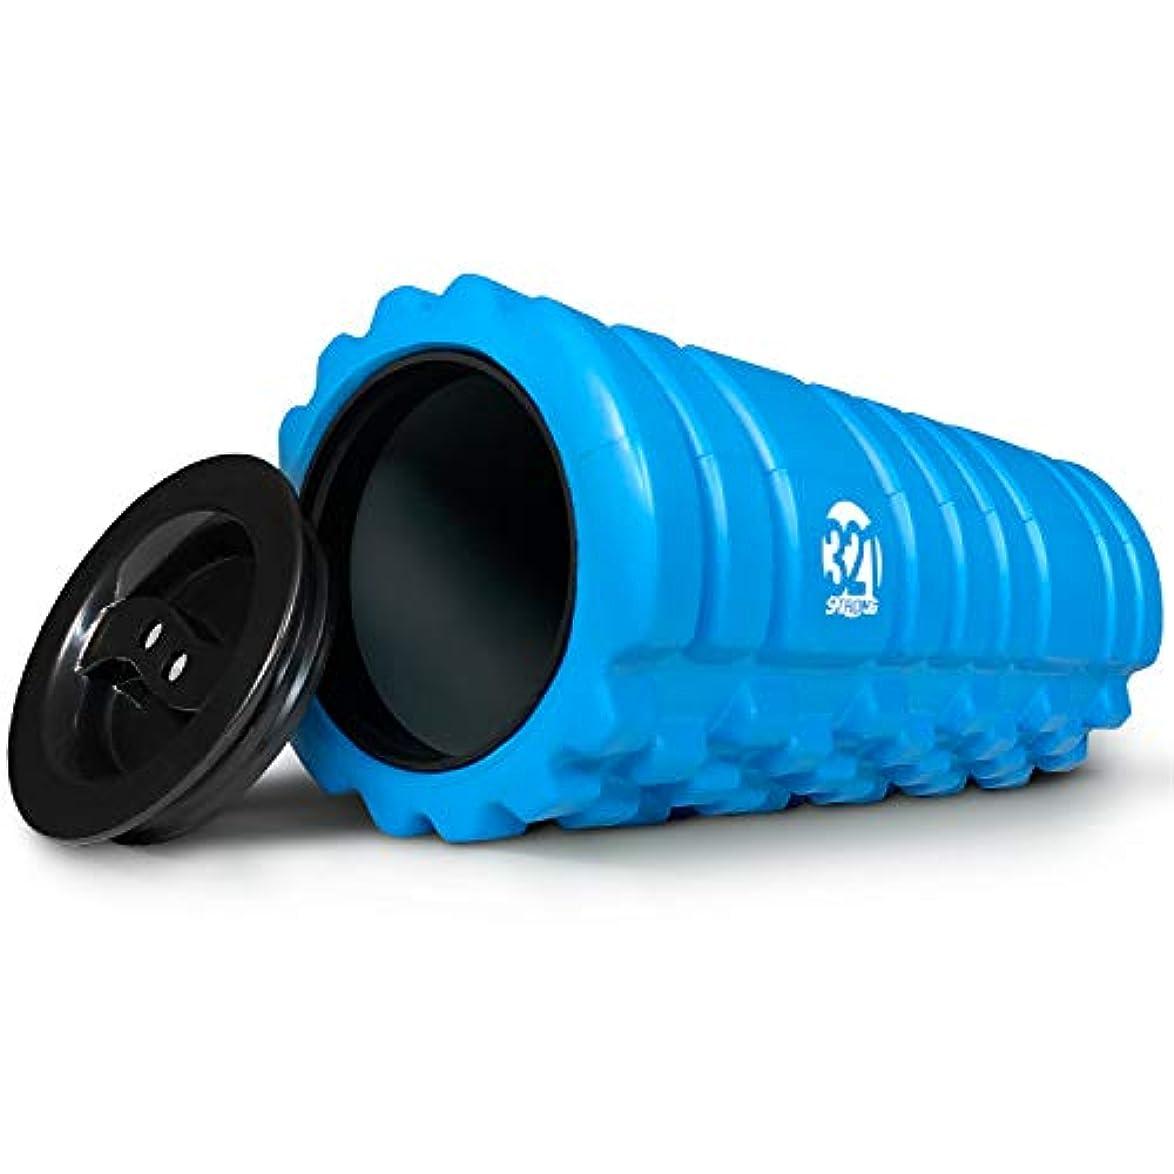 どこか粒ビデオ321 強化フォームローラー 筋肉マッサージ用 エンドキャップ付き 鍵 タオル その他のアクセサリーの収納に ブラック レッド ブルー ピンク